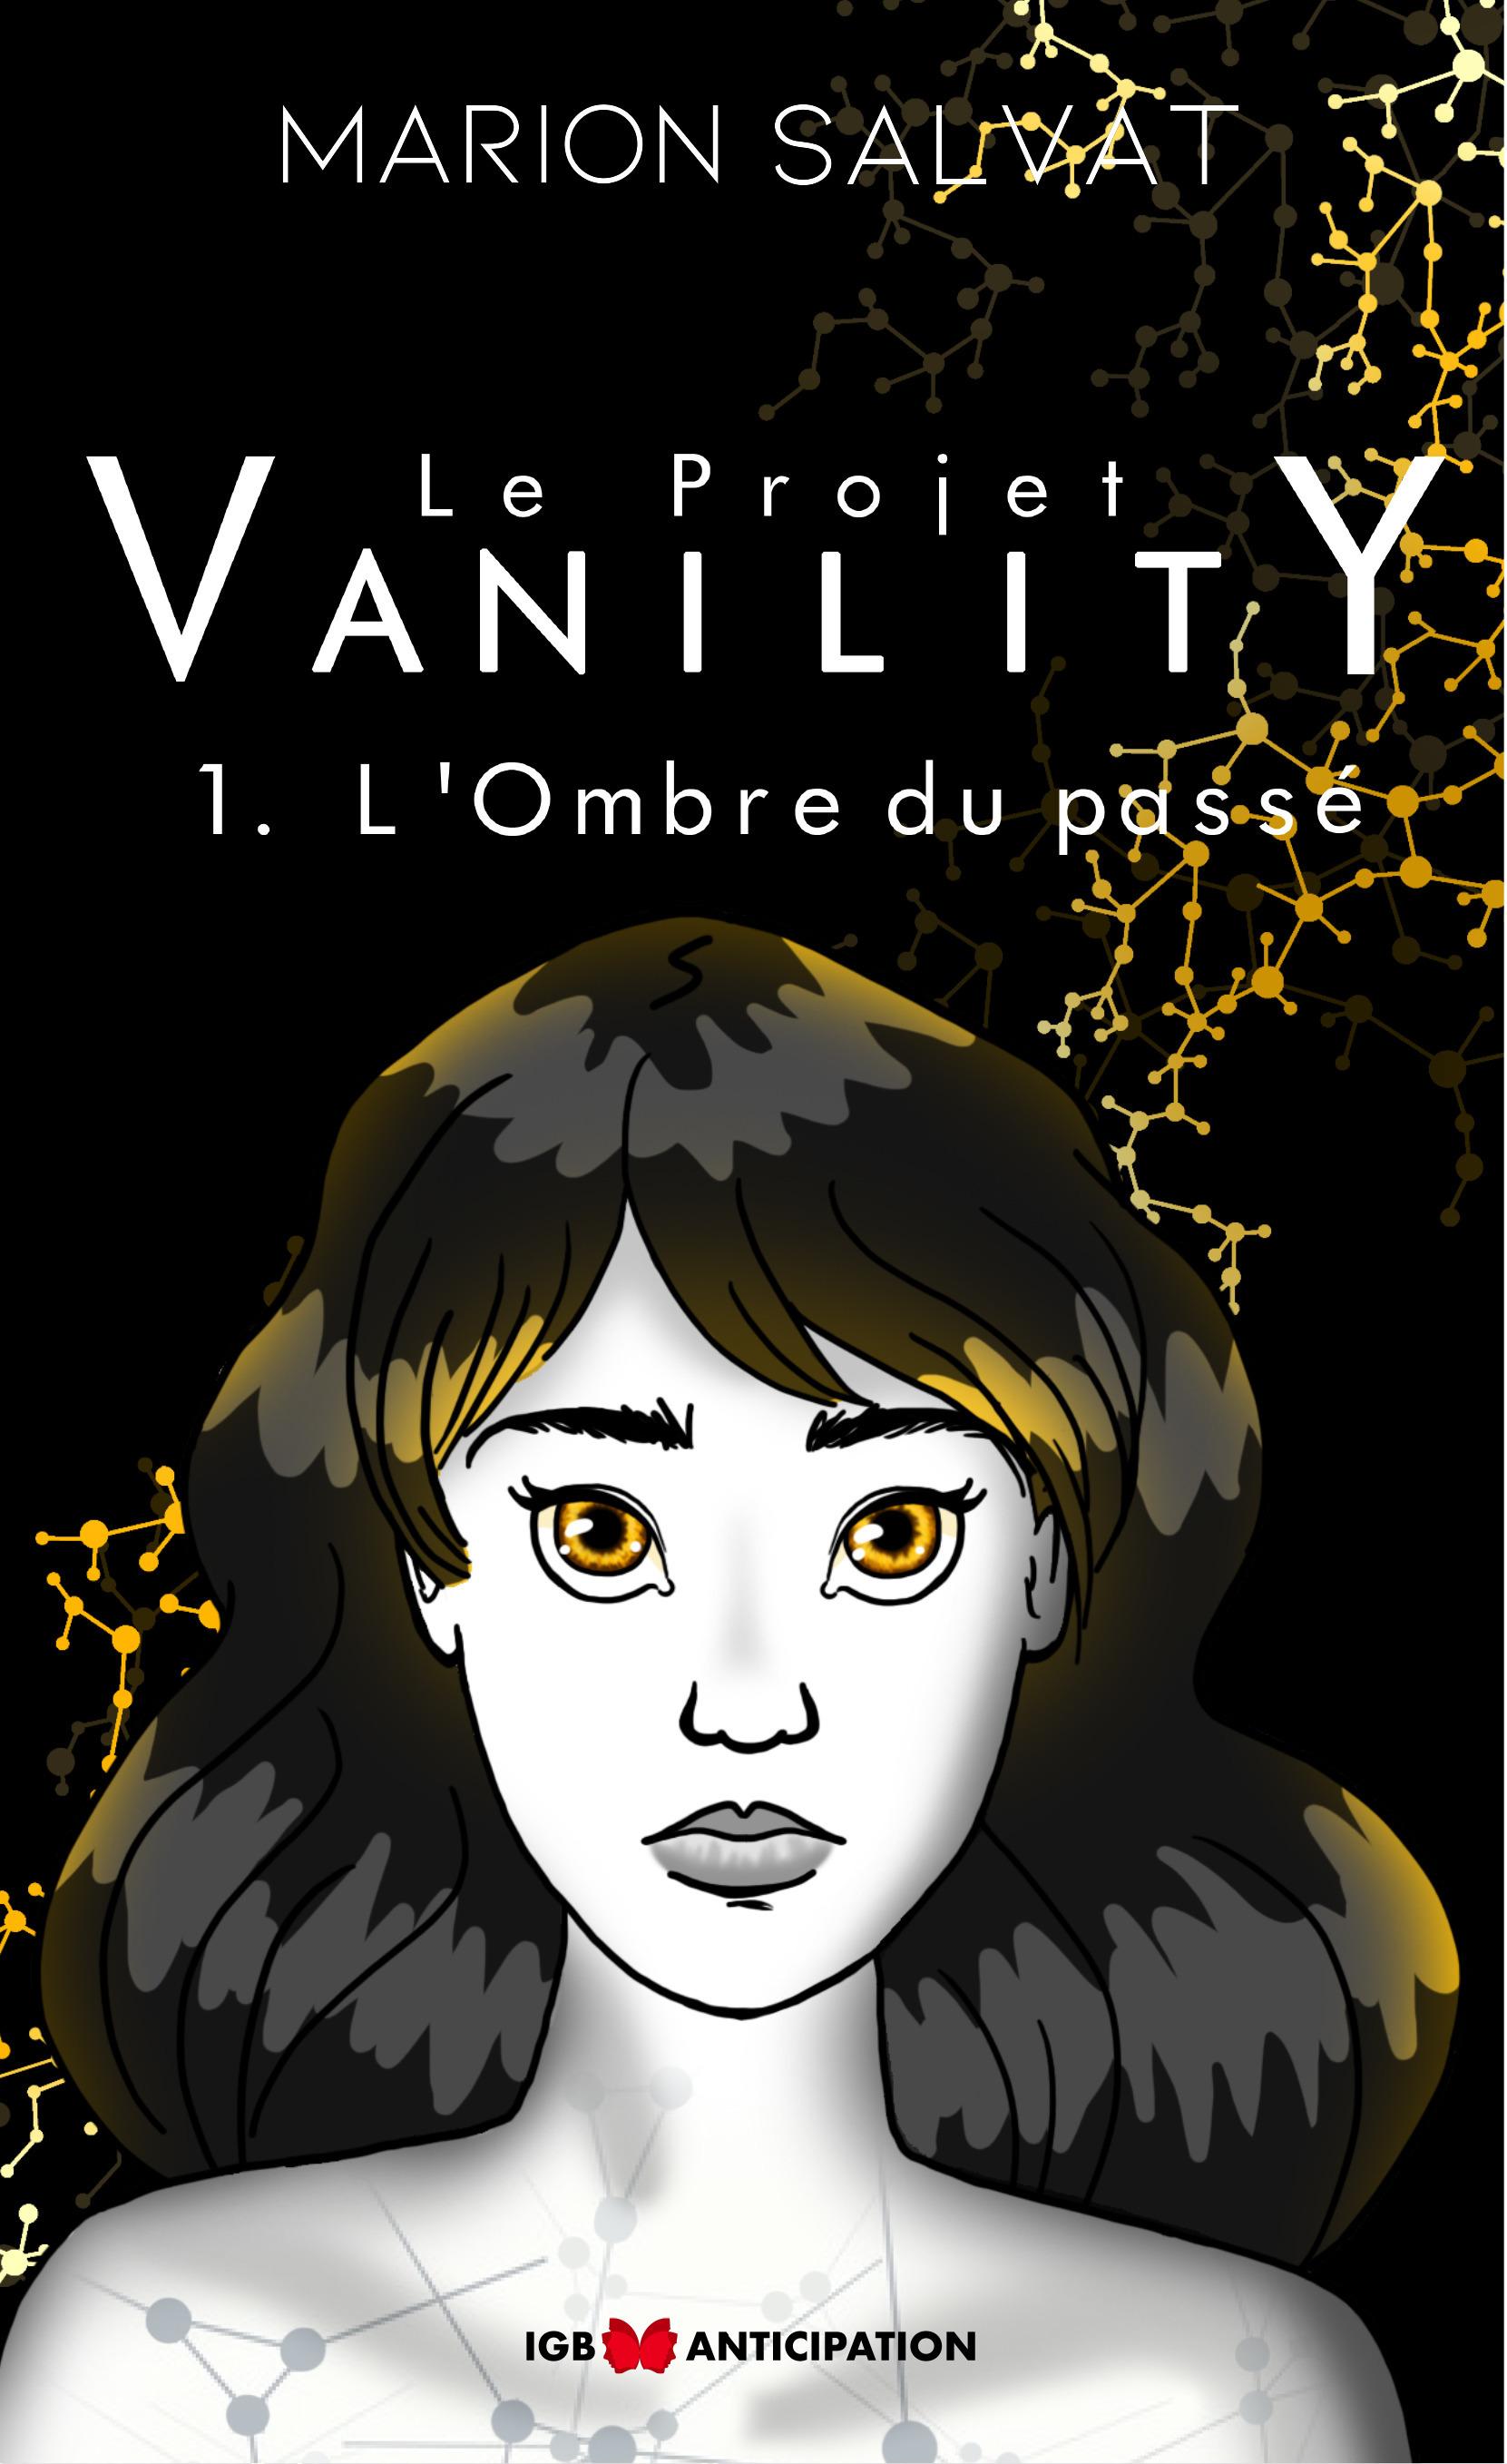 Le Projet Vanility (Version définitive nouvel éditeur)